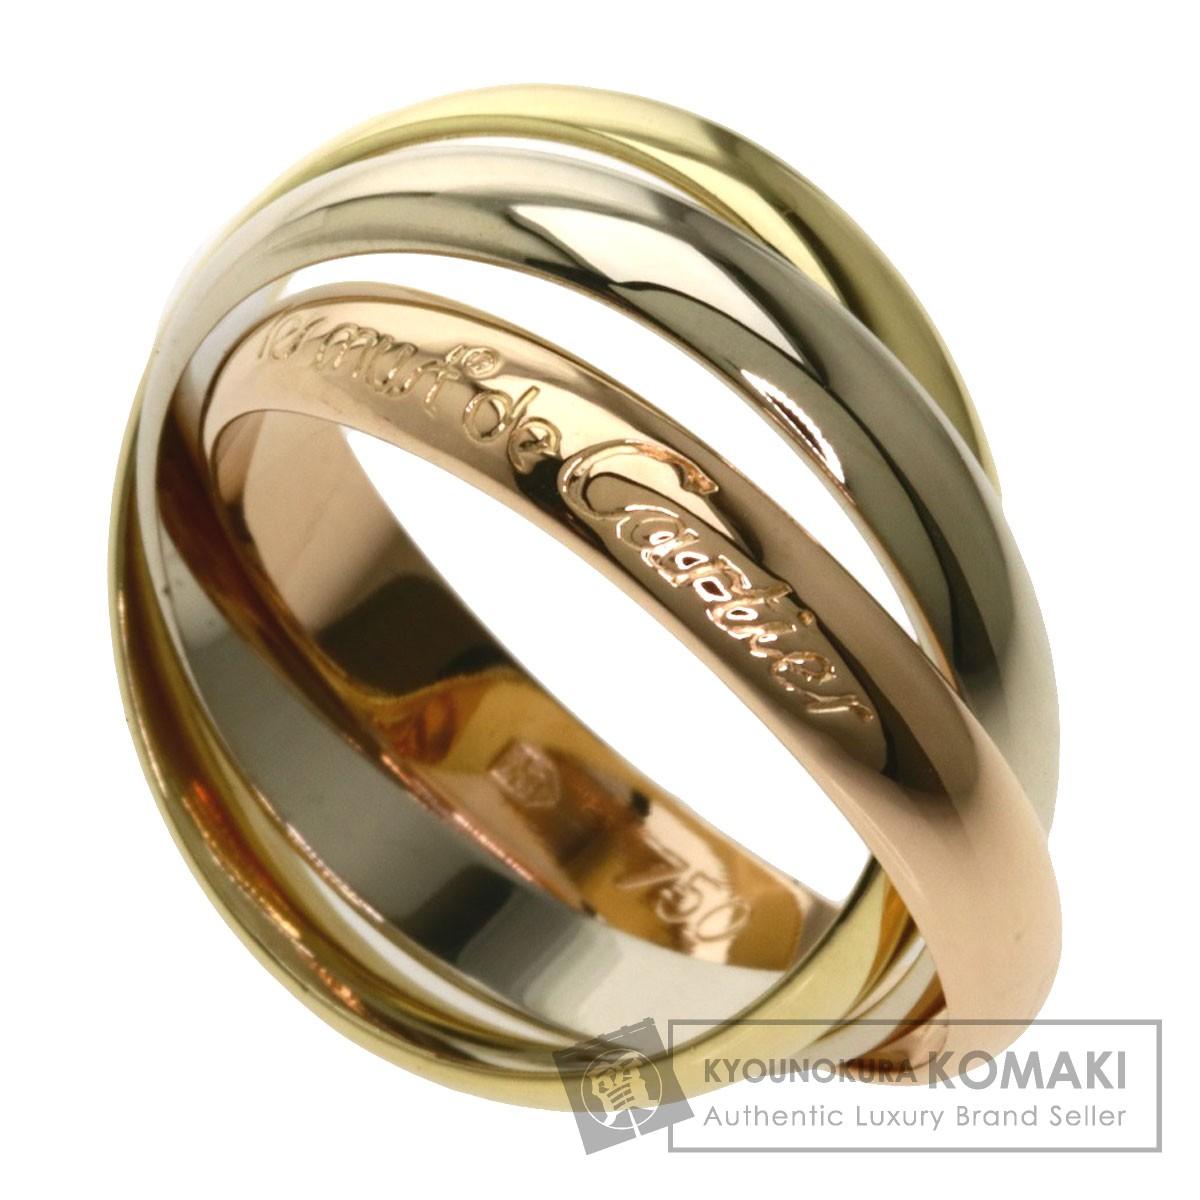 【感謝価格】 カルティエ トリニティリング #54 リング・指輪 K18イエローゴールド/K18PG/K18WG レディース 【】【CARTIER】, インテリア つるや 3a99f978